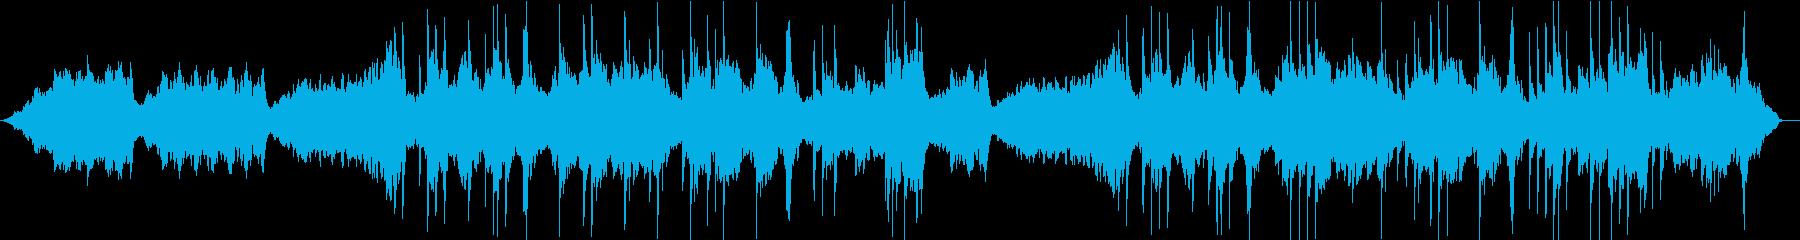 ソルフェジオ周波数による癒しのピアノ曲の再生済みの波形